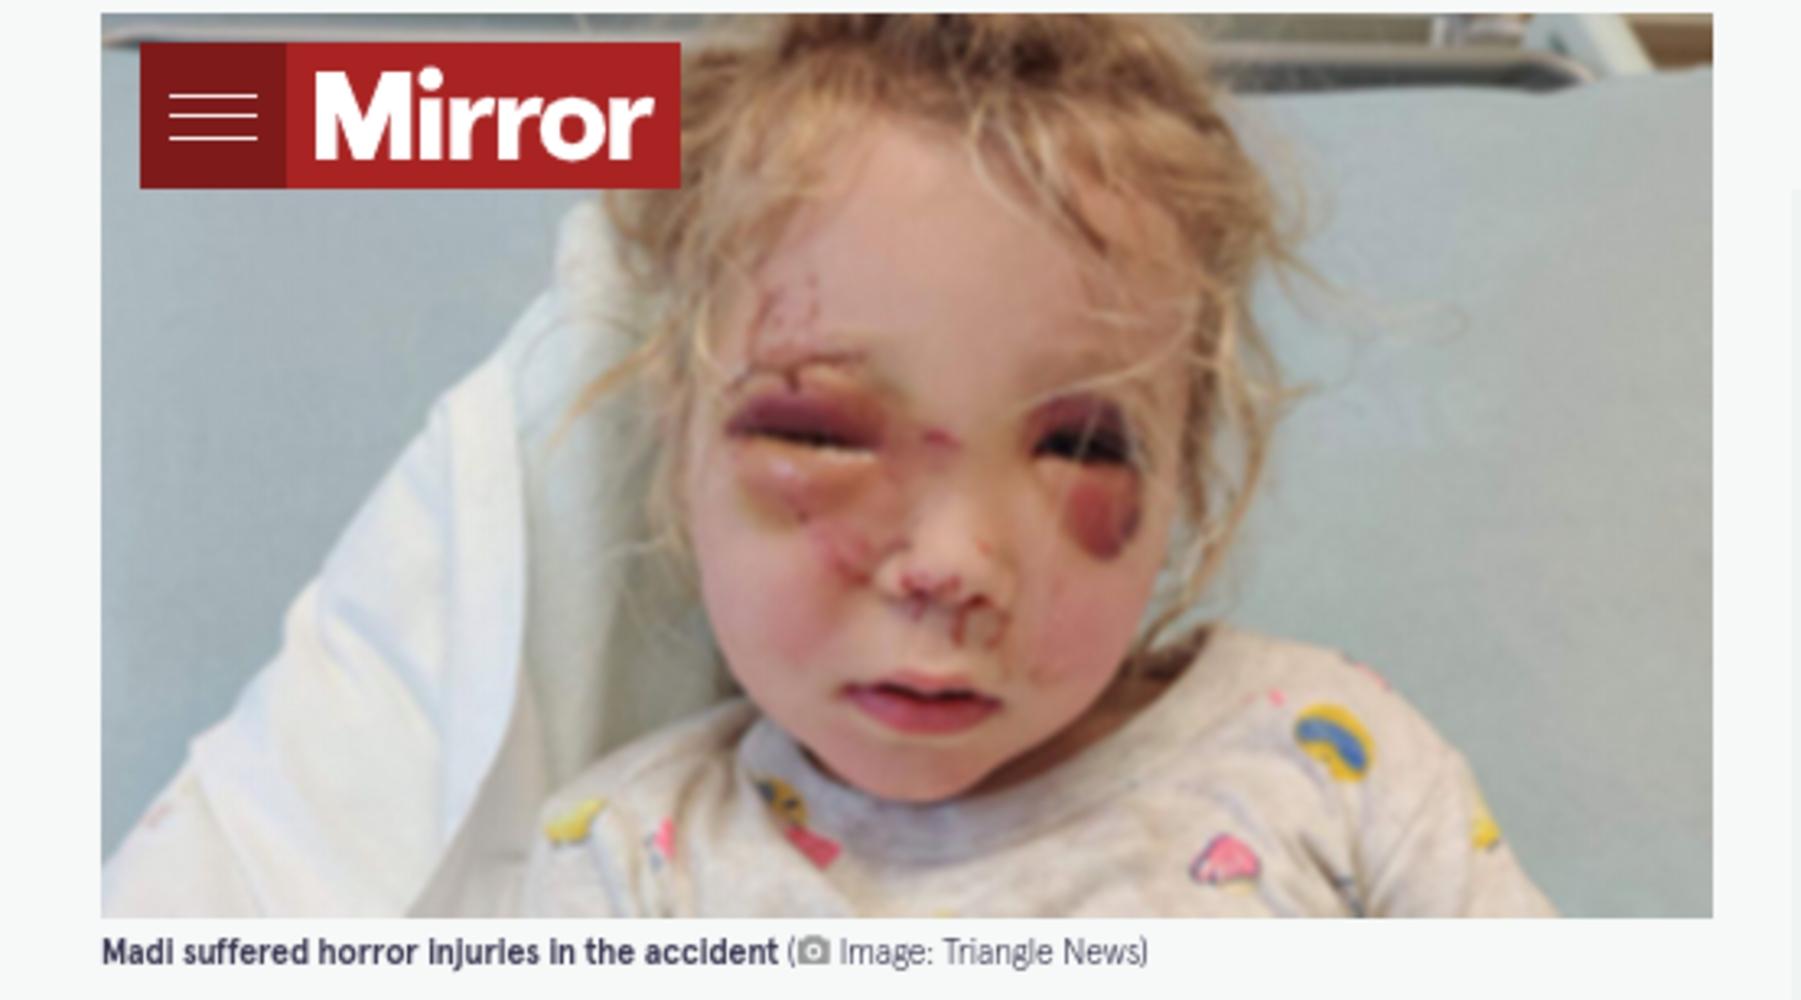 馬に顔を蹴られ大怪我をしたマディソンちゃん(画像は『The Mirror 2021年9月4日付「Girl, 2, fights for life after being kicked in face by horse while walking with dad」(Image: Triangle News)』のスクリーンショット)